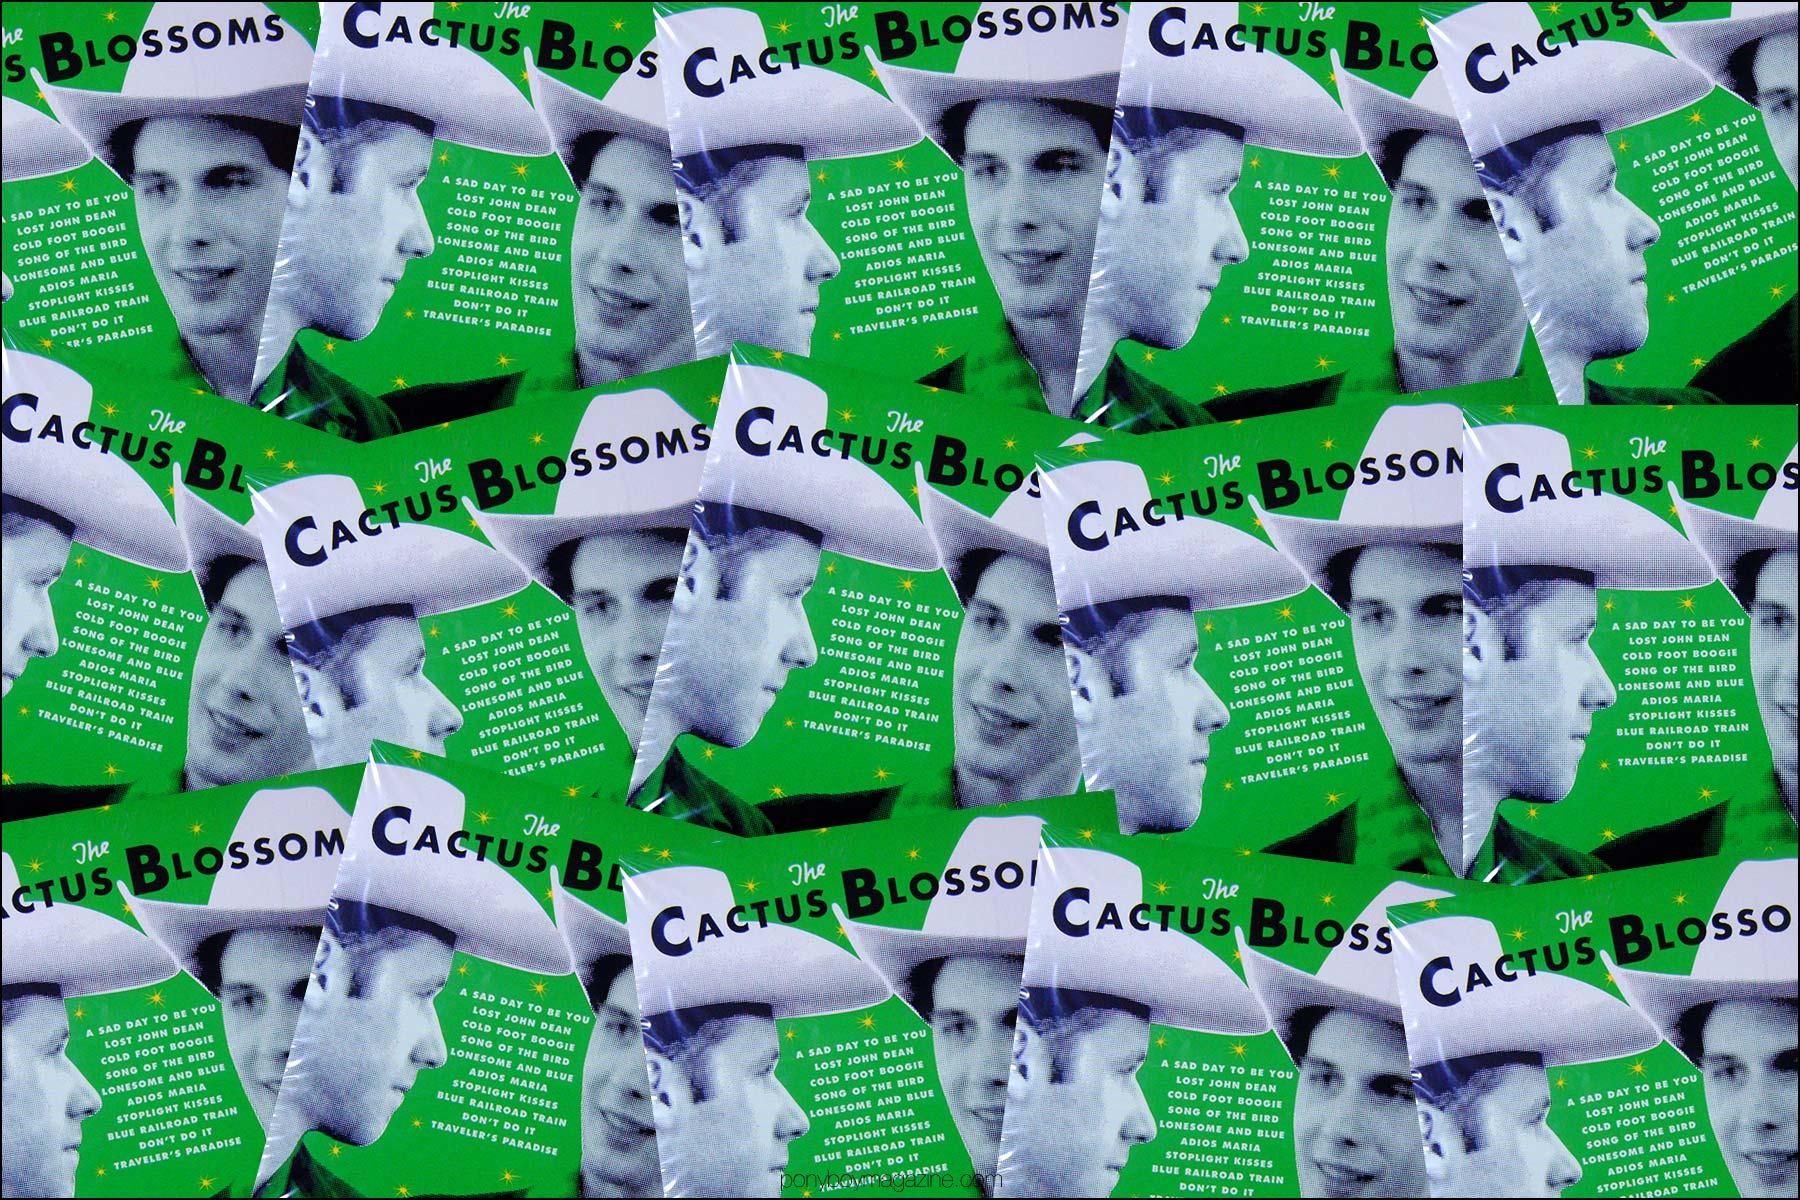 Album artwork for the Cactus Blossoms. Ponyboy magazine NY.